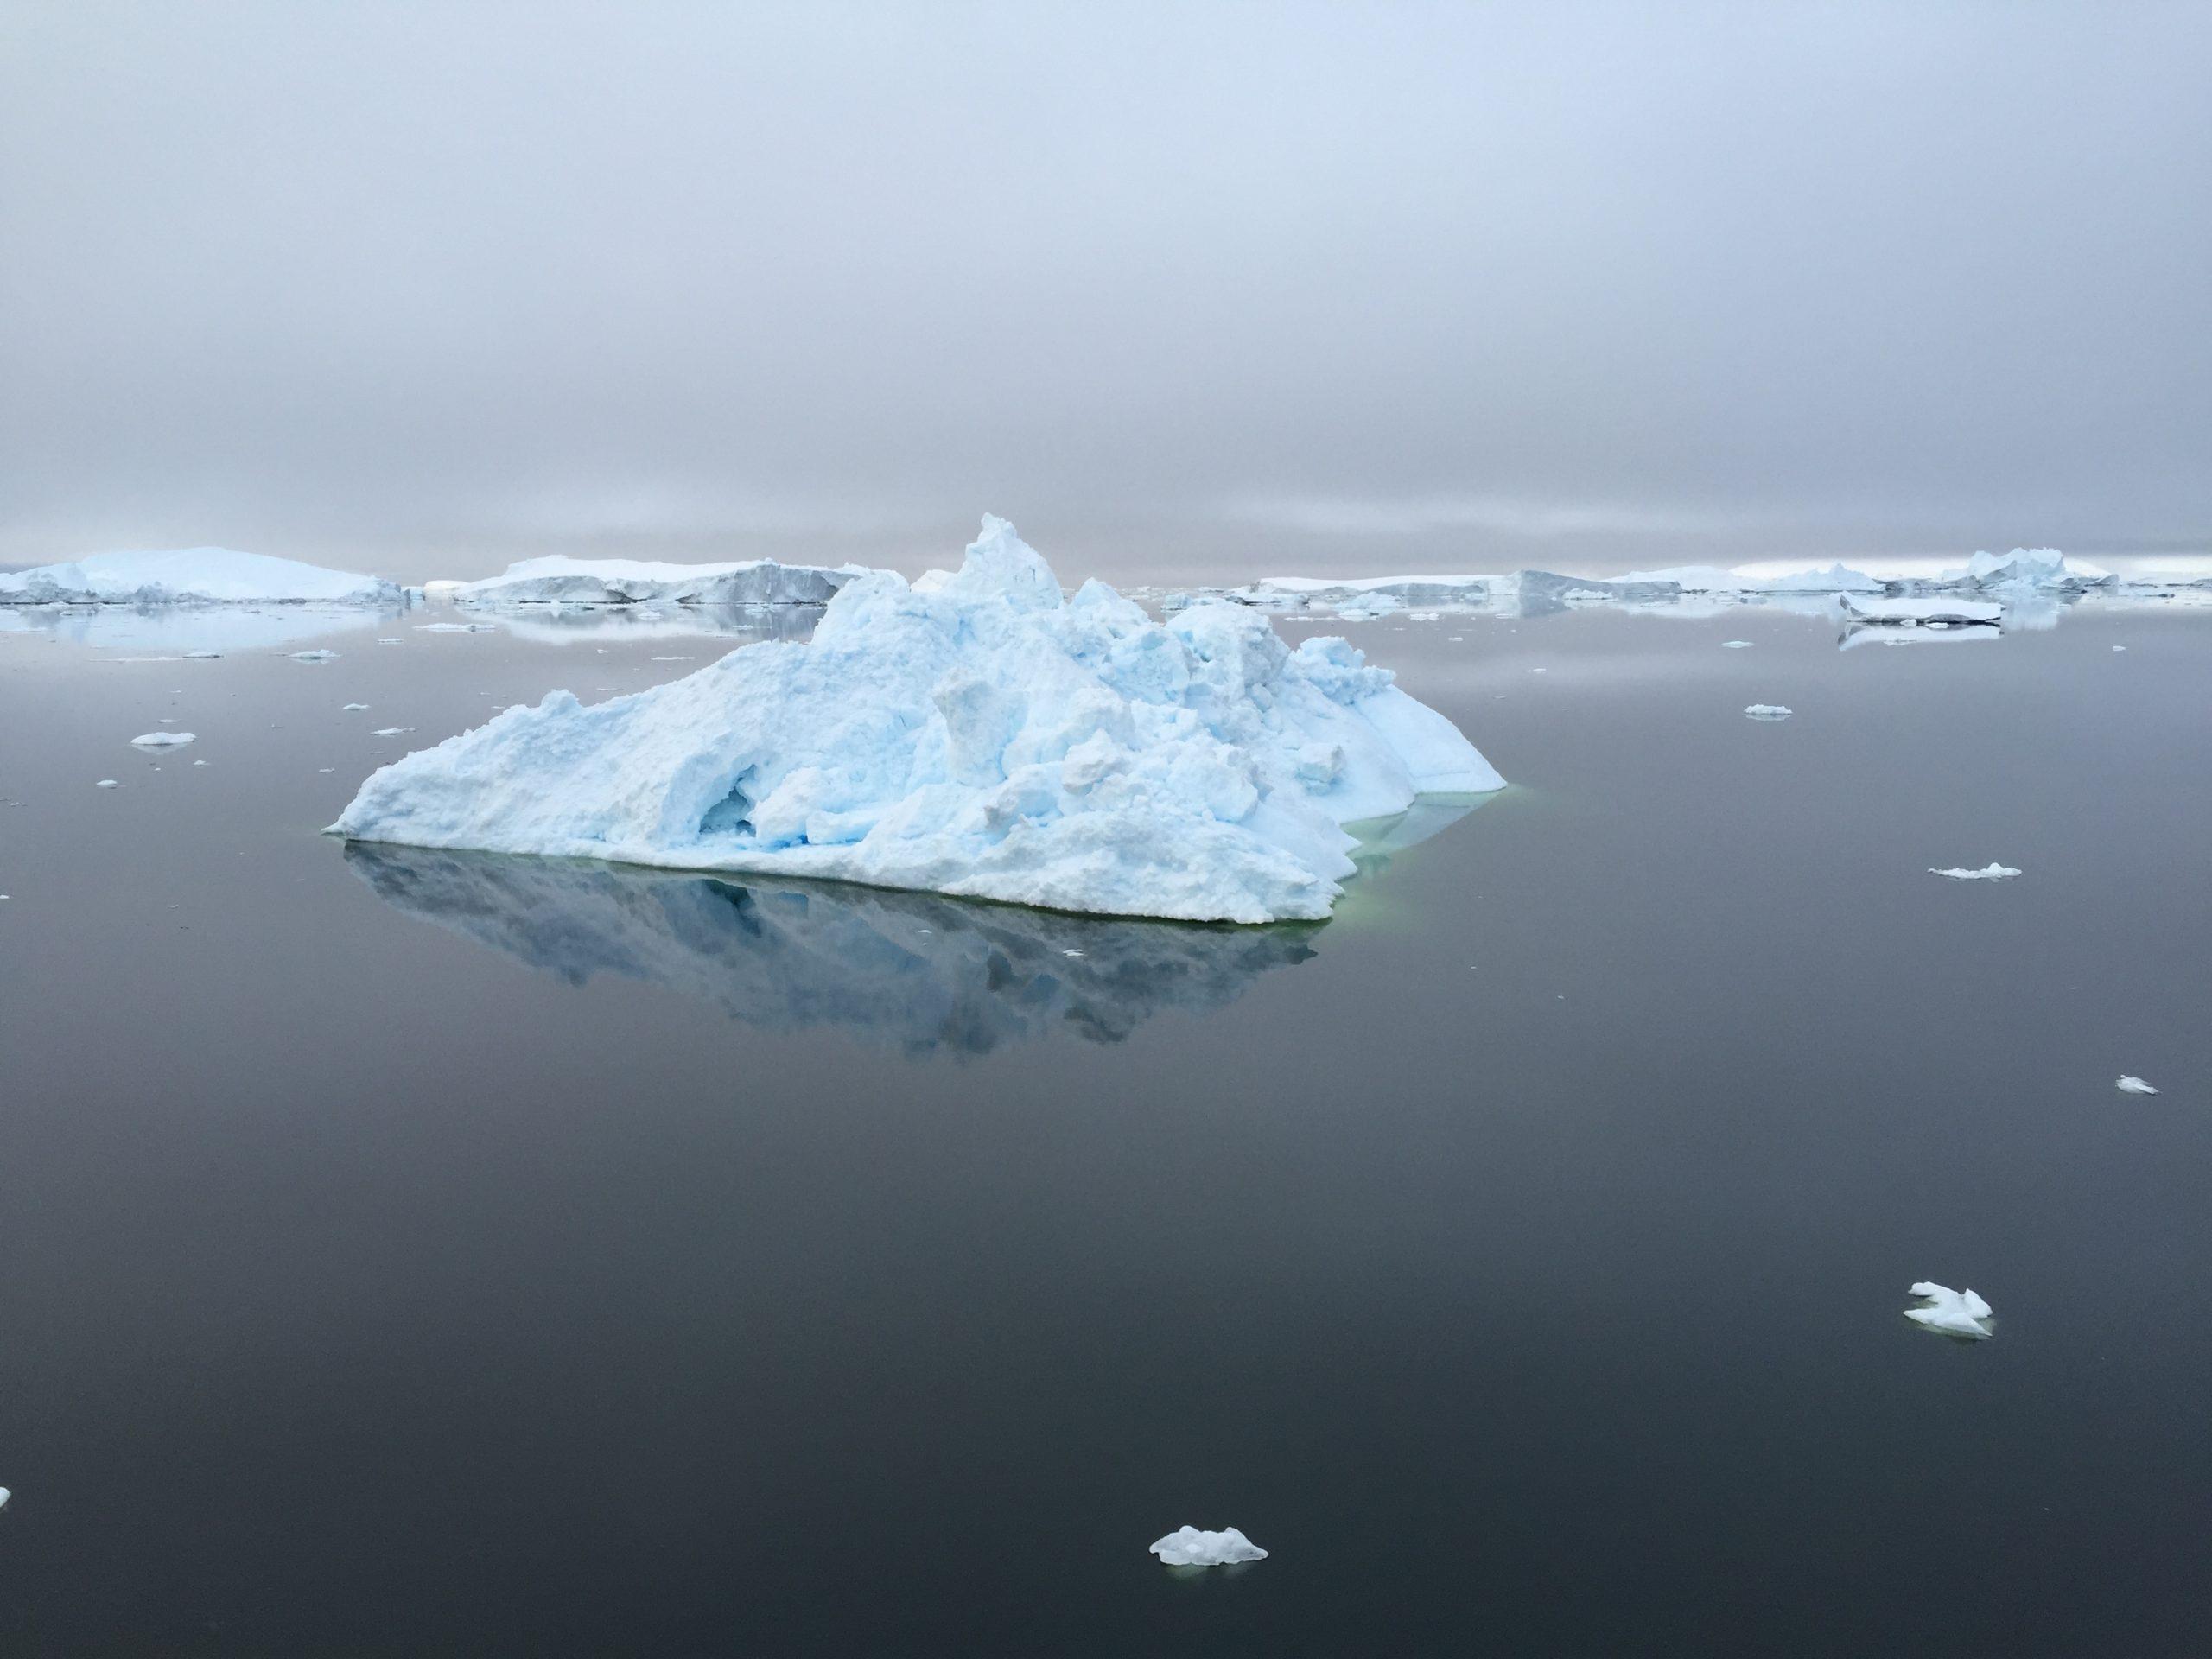 Views over iceberg filled waters in Antarctica under grey skies